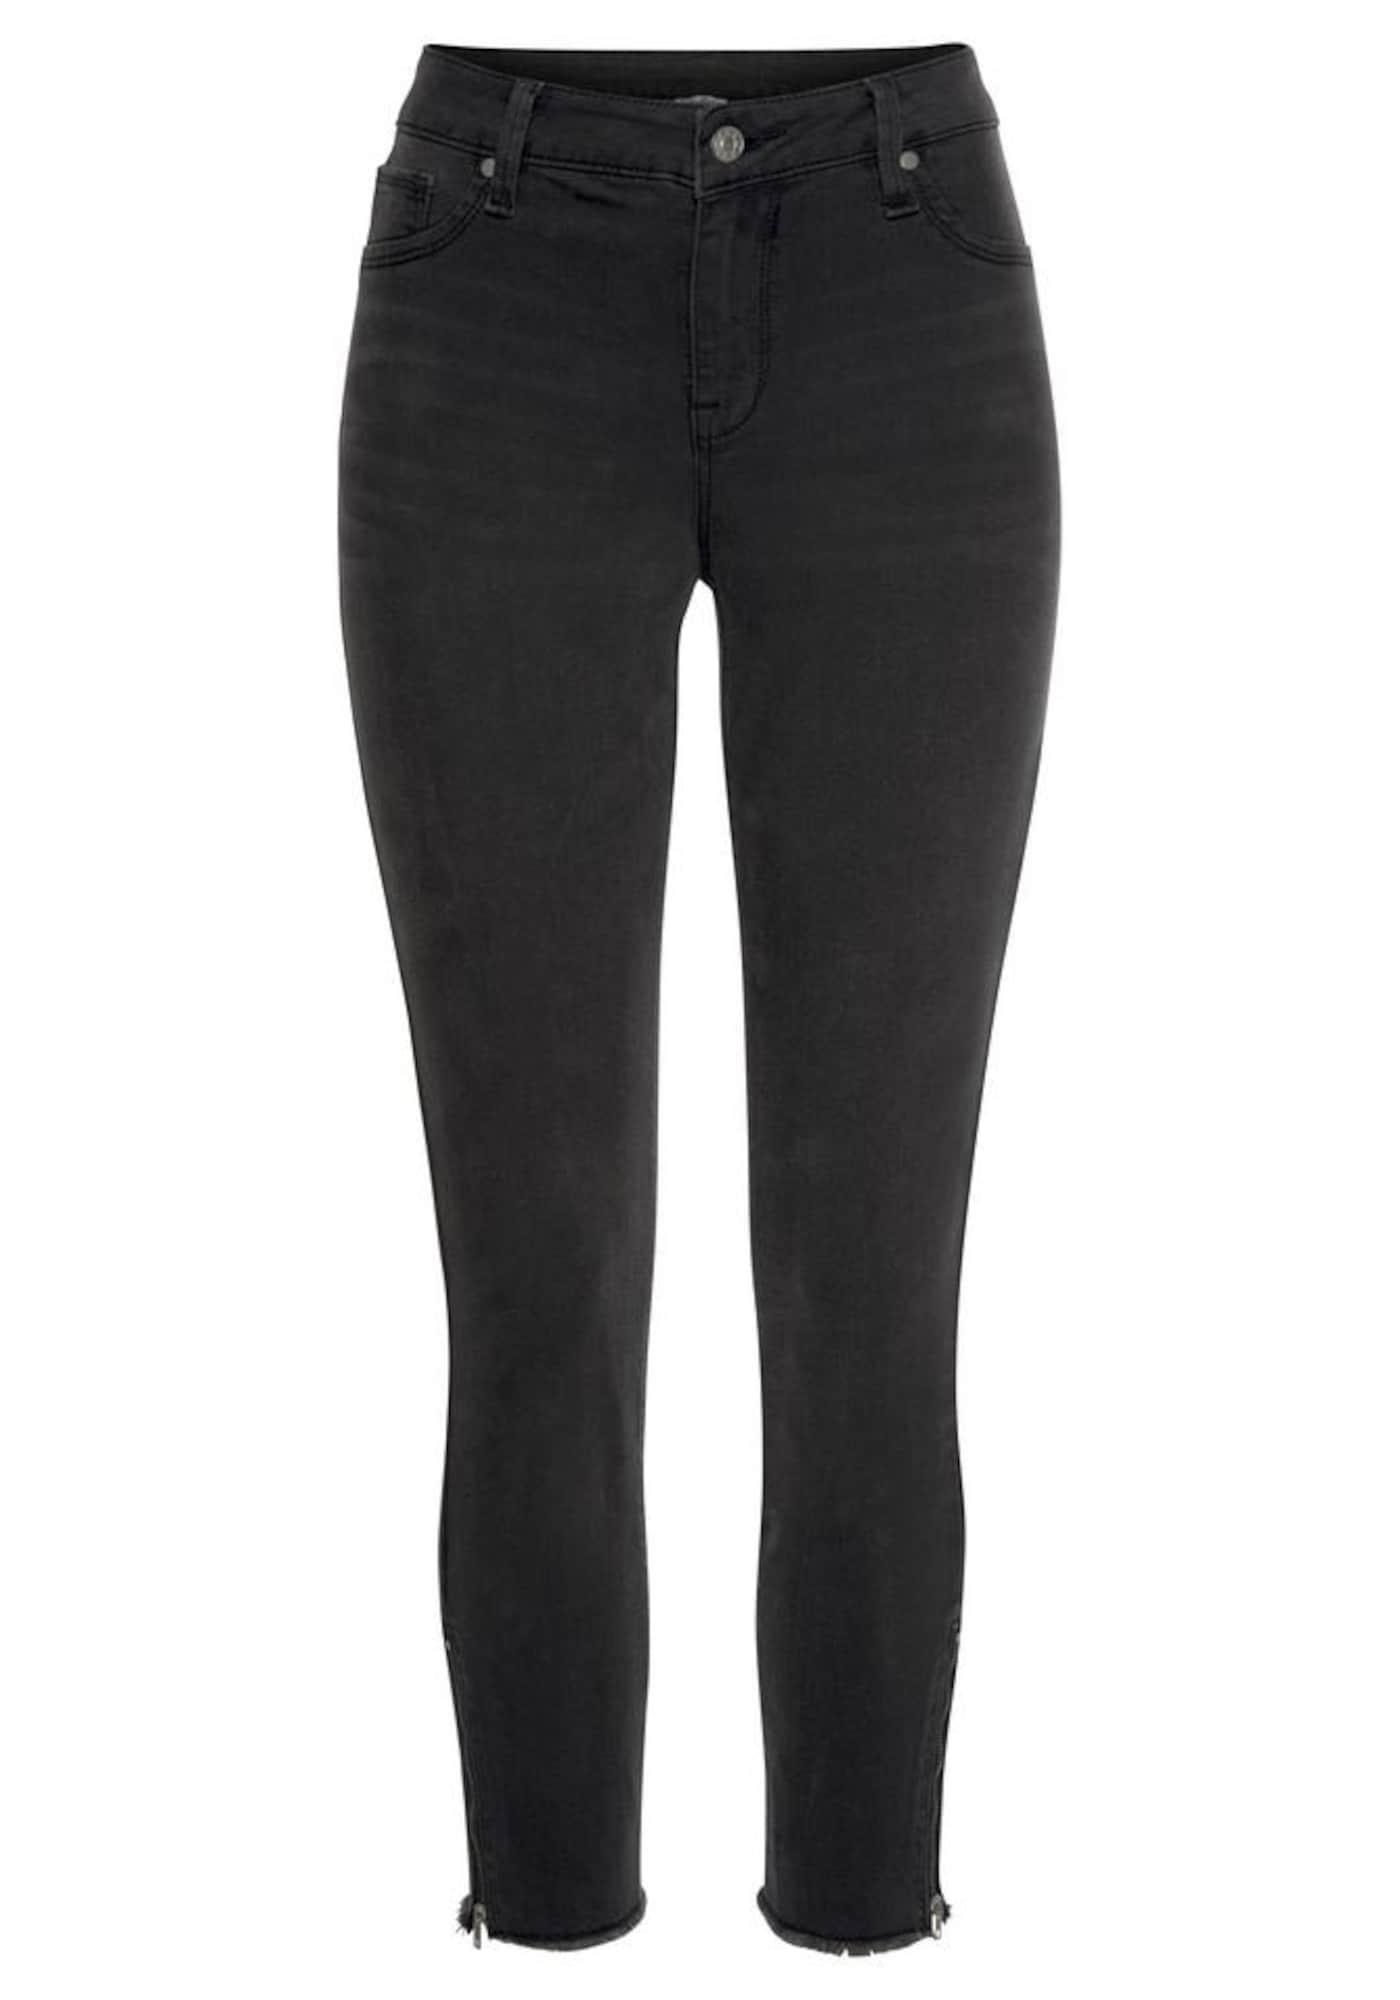 Jeggings   Bekleidung > Jeans > Jeggings   Schwarz   Lascana